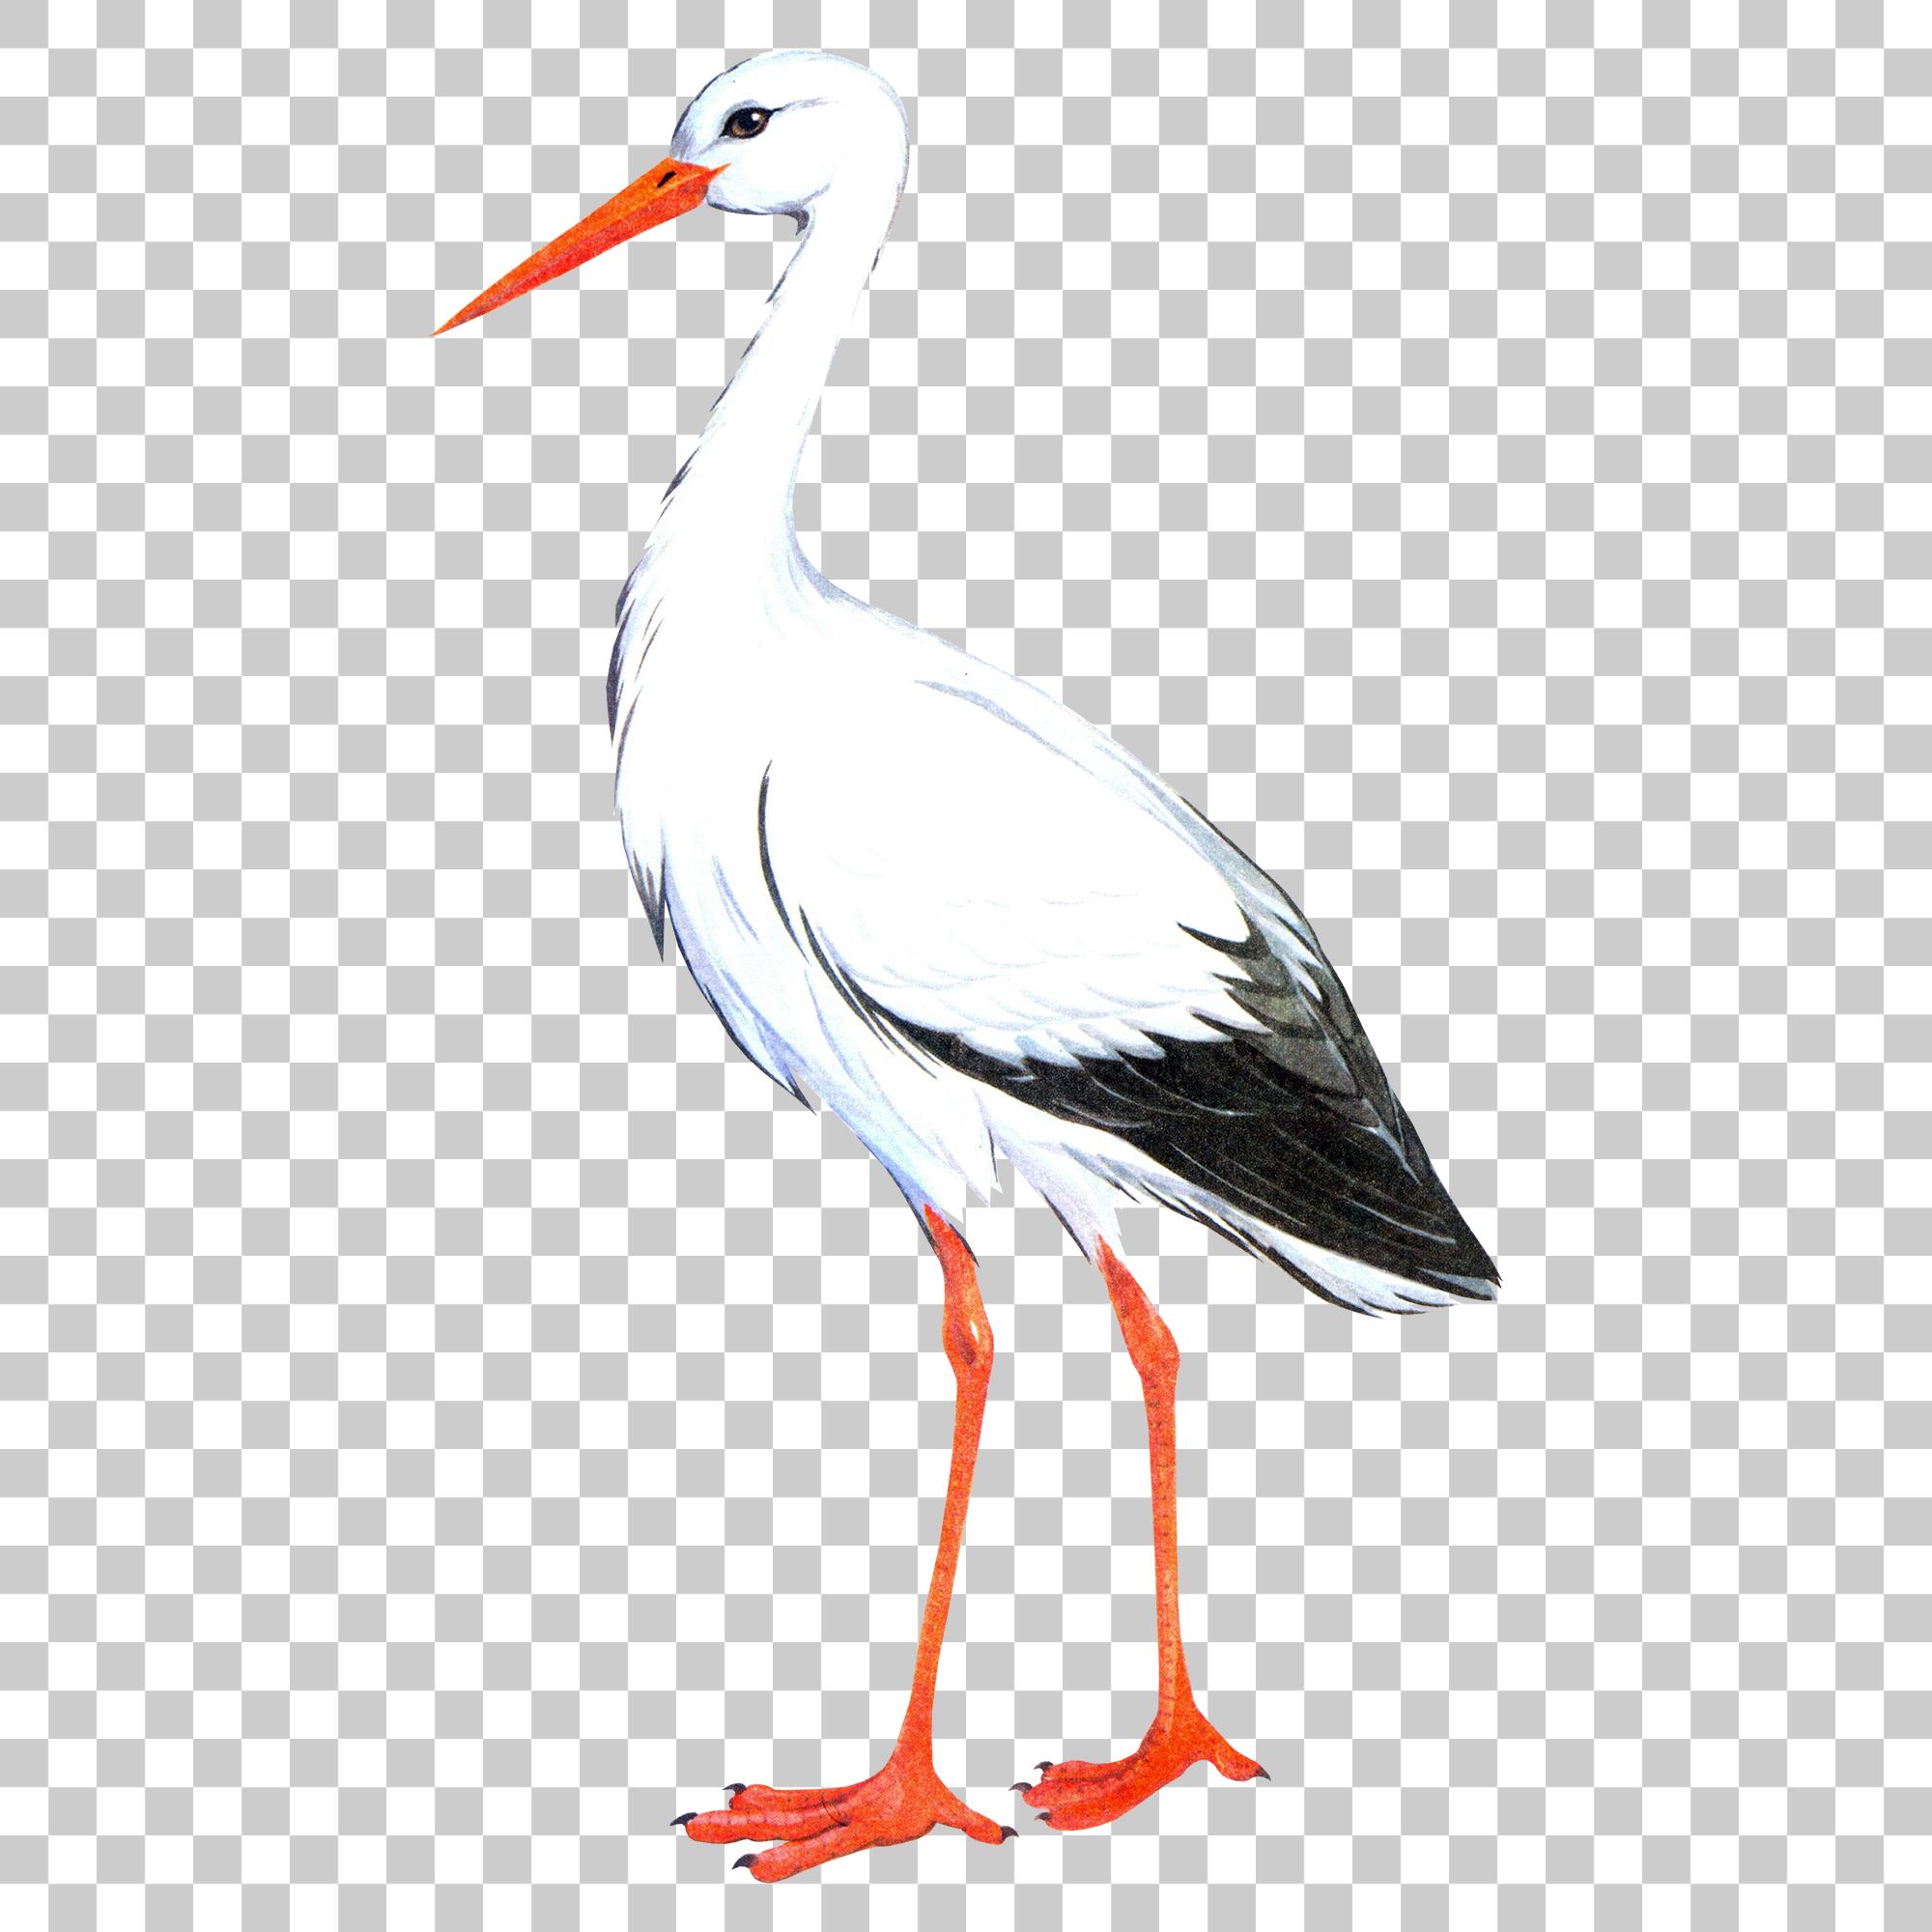 Crane Stork Bird Png Image With Transparent Background Stork Bird Bird Png Images